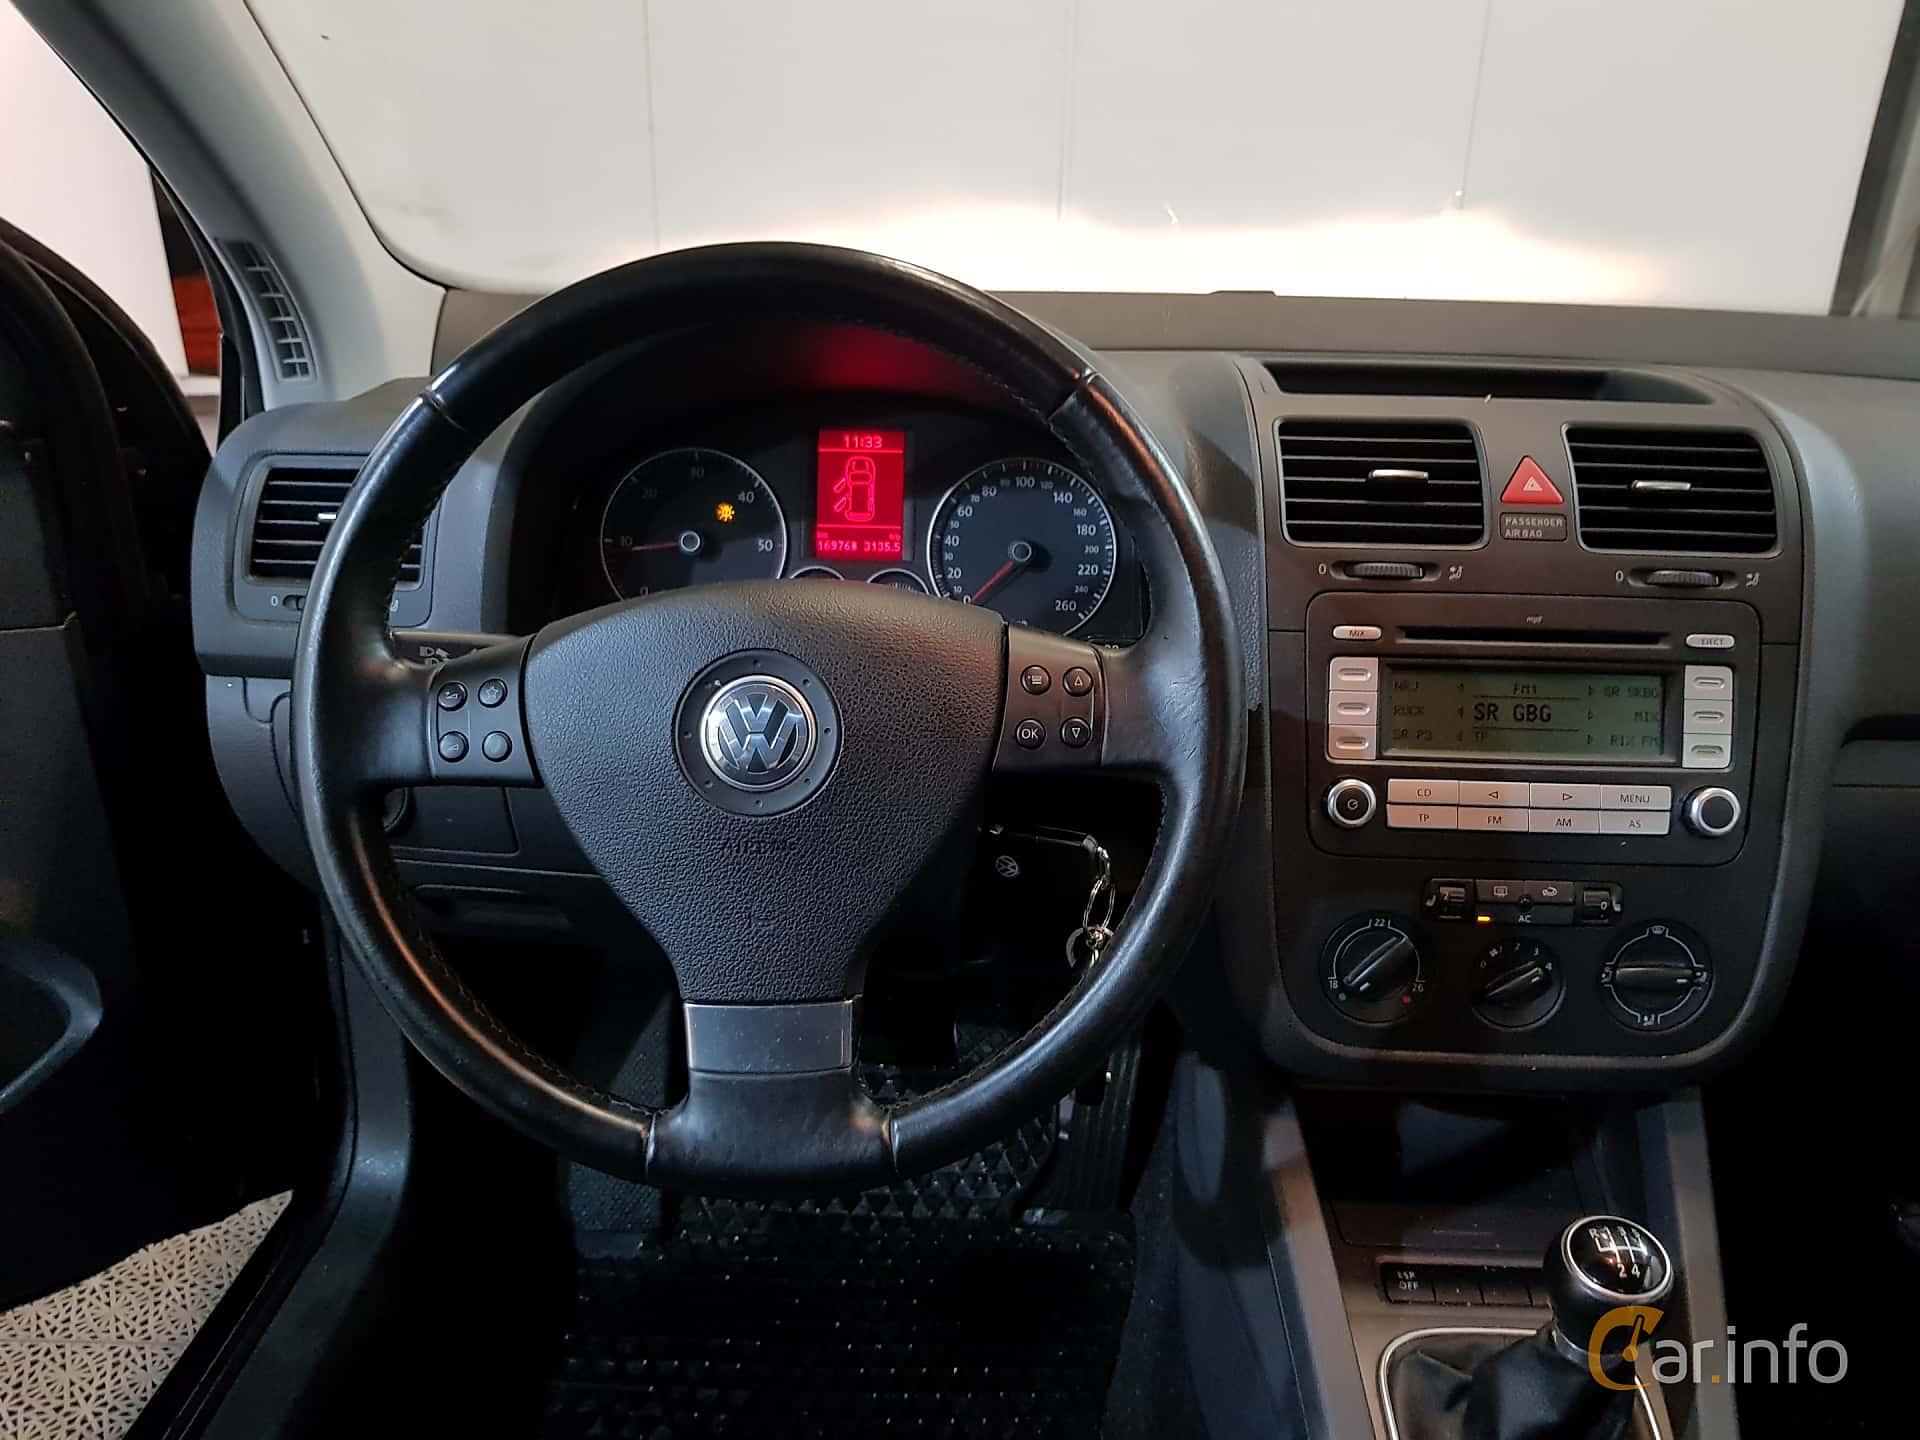 Volkswagen Golf 5-door 1 9 TDI Manual, 105hp, 2008